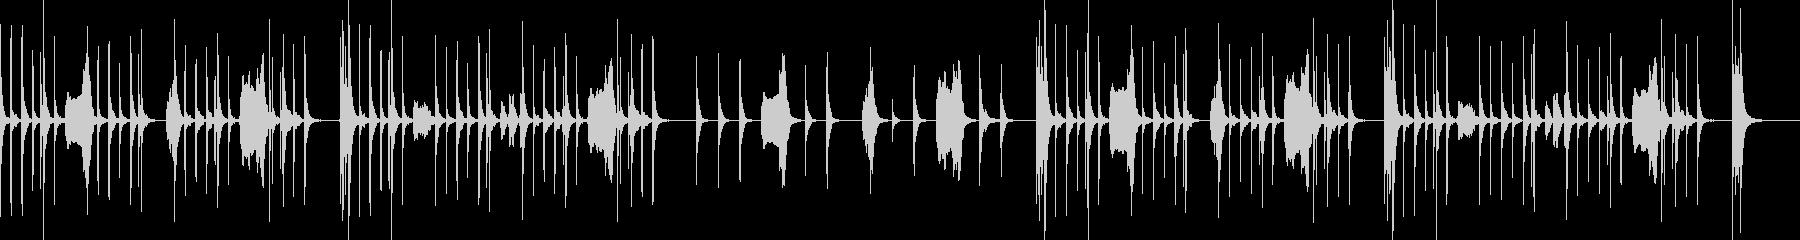 ほのぼの・小動物等 弦のピチカートと木管の未再生の波形